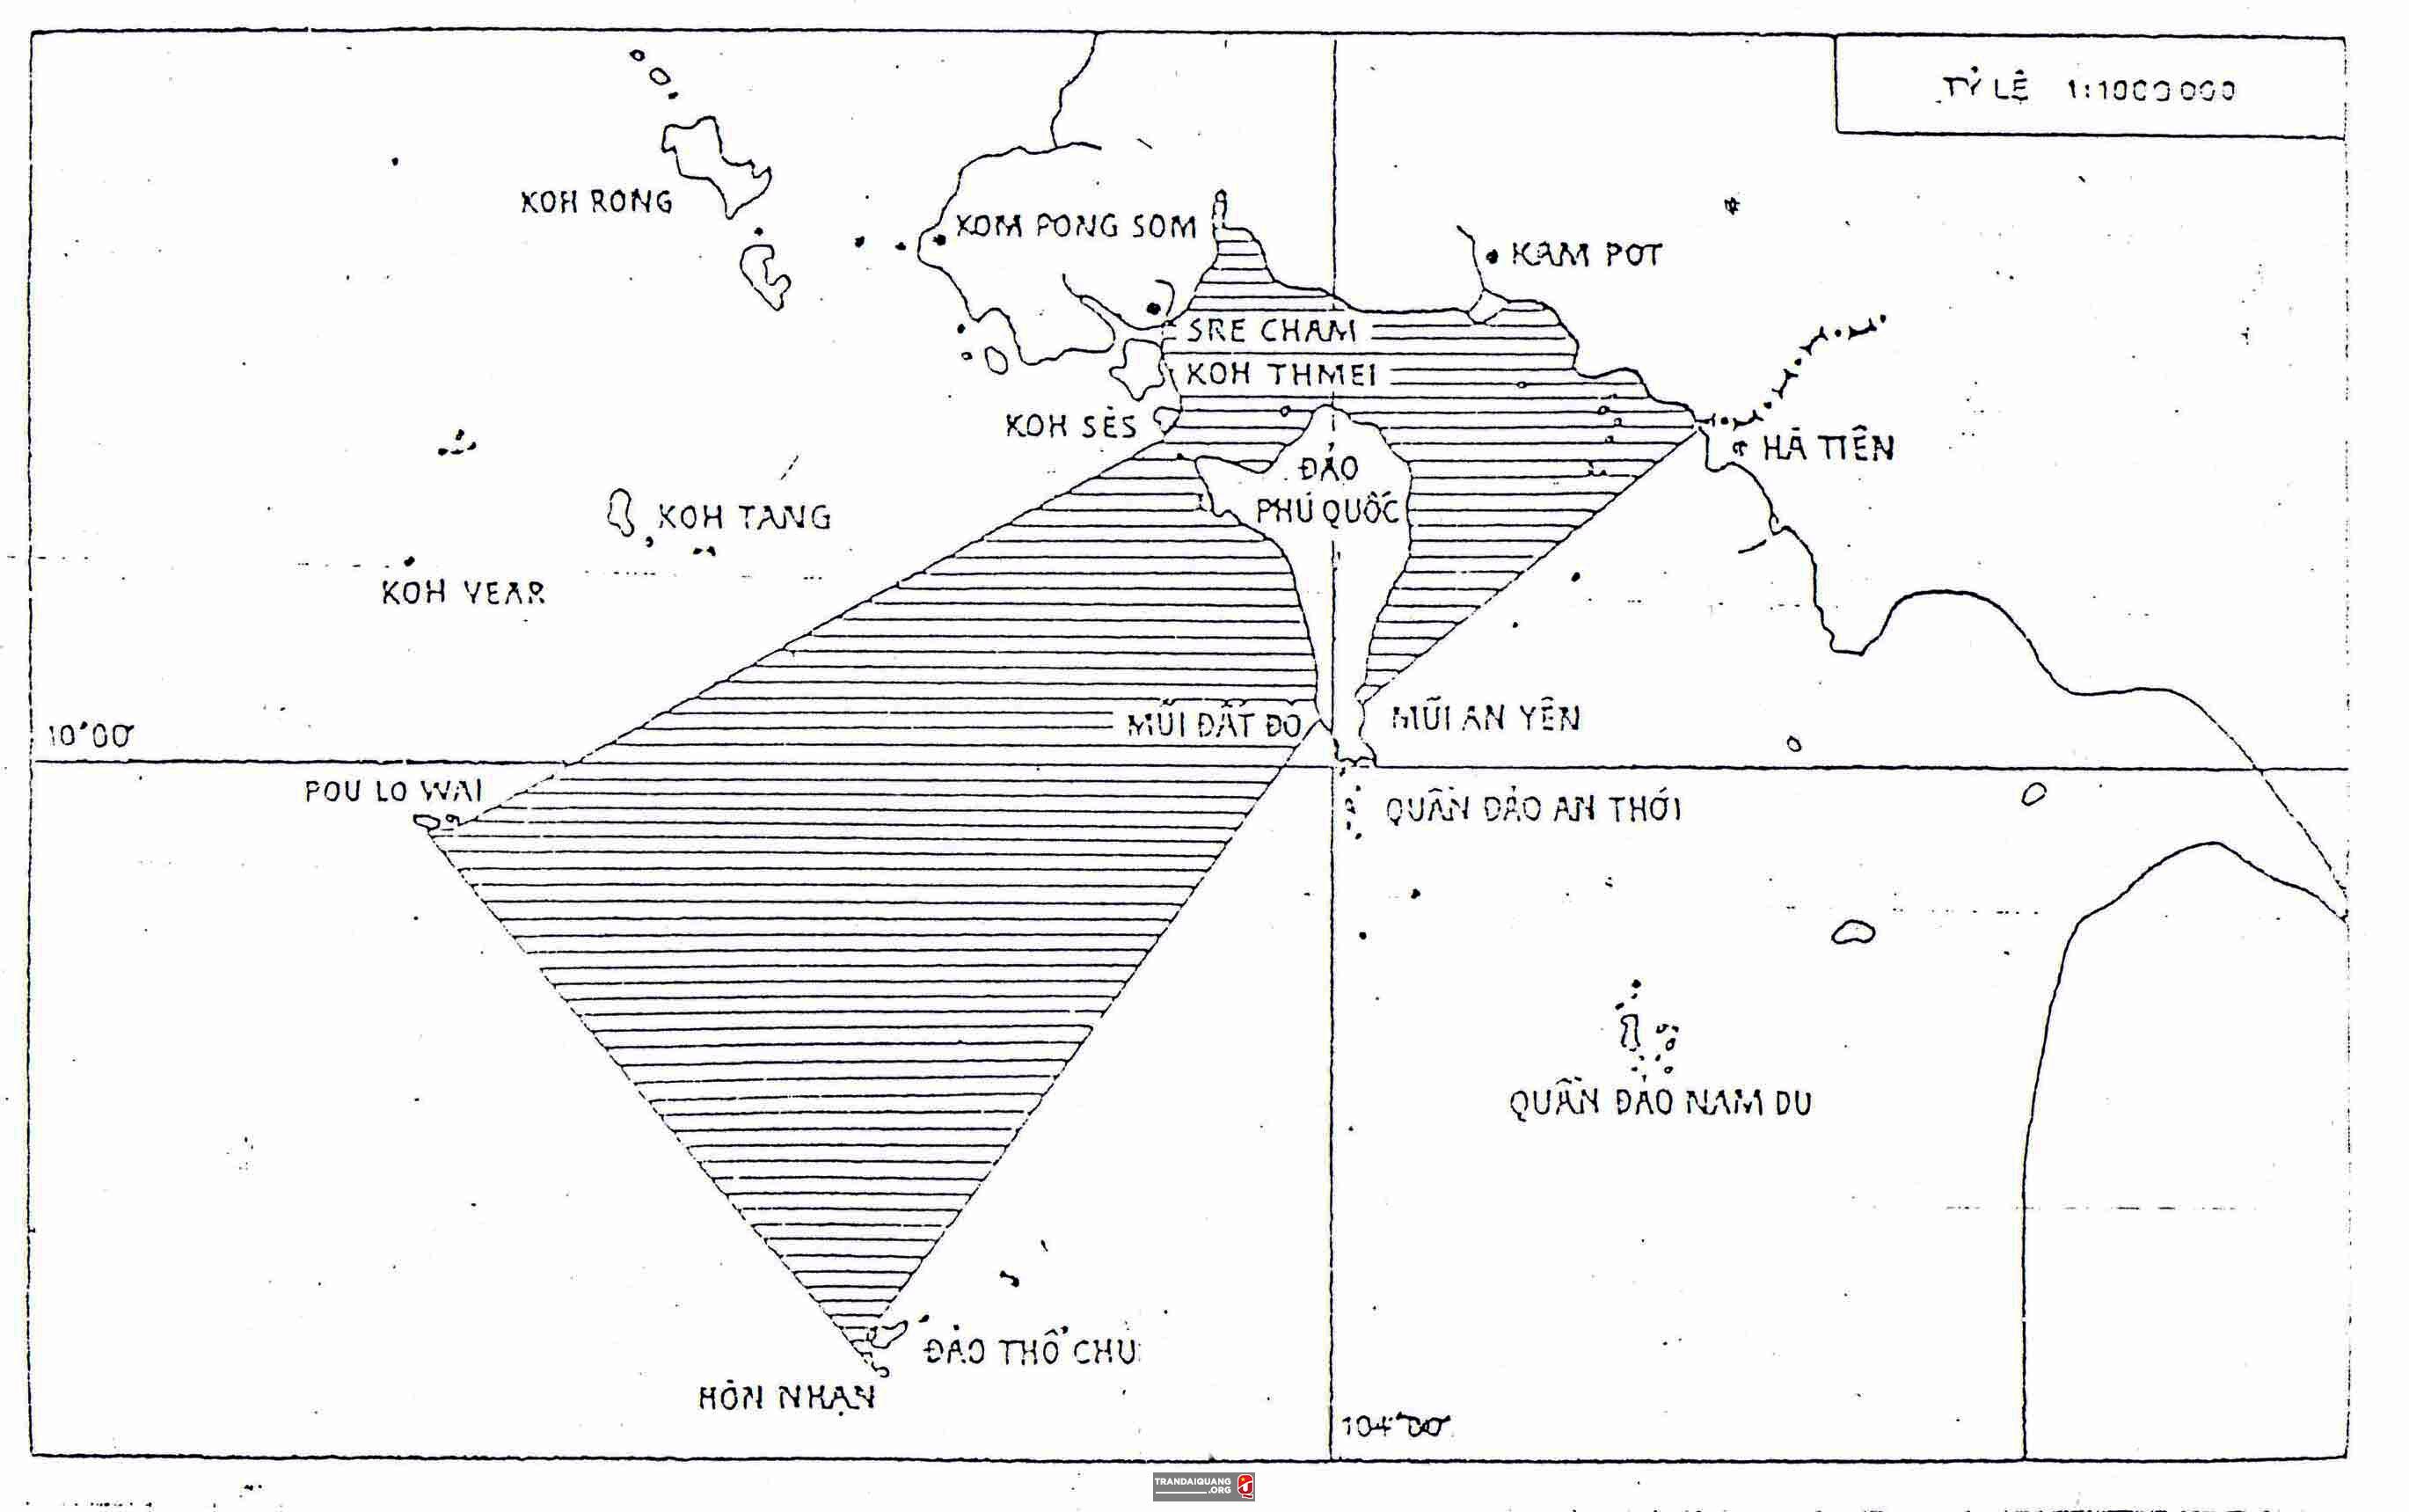 Nội dung Hiệp định về Vùng nước lịch sử của Việt Nam và Campuchia